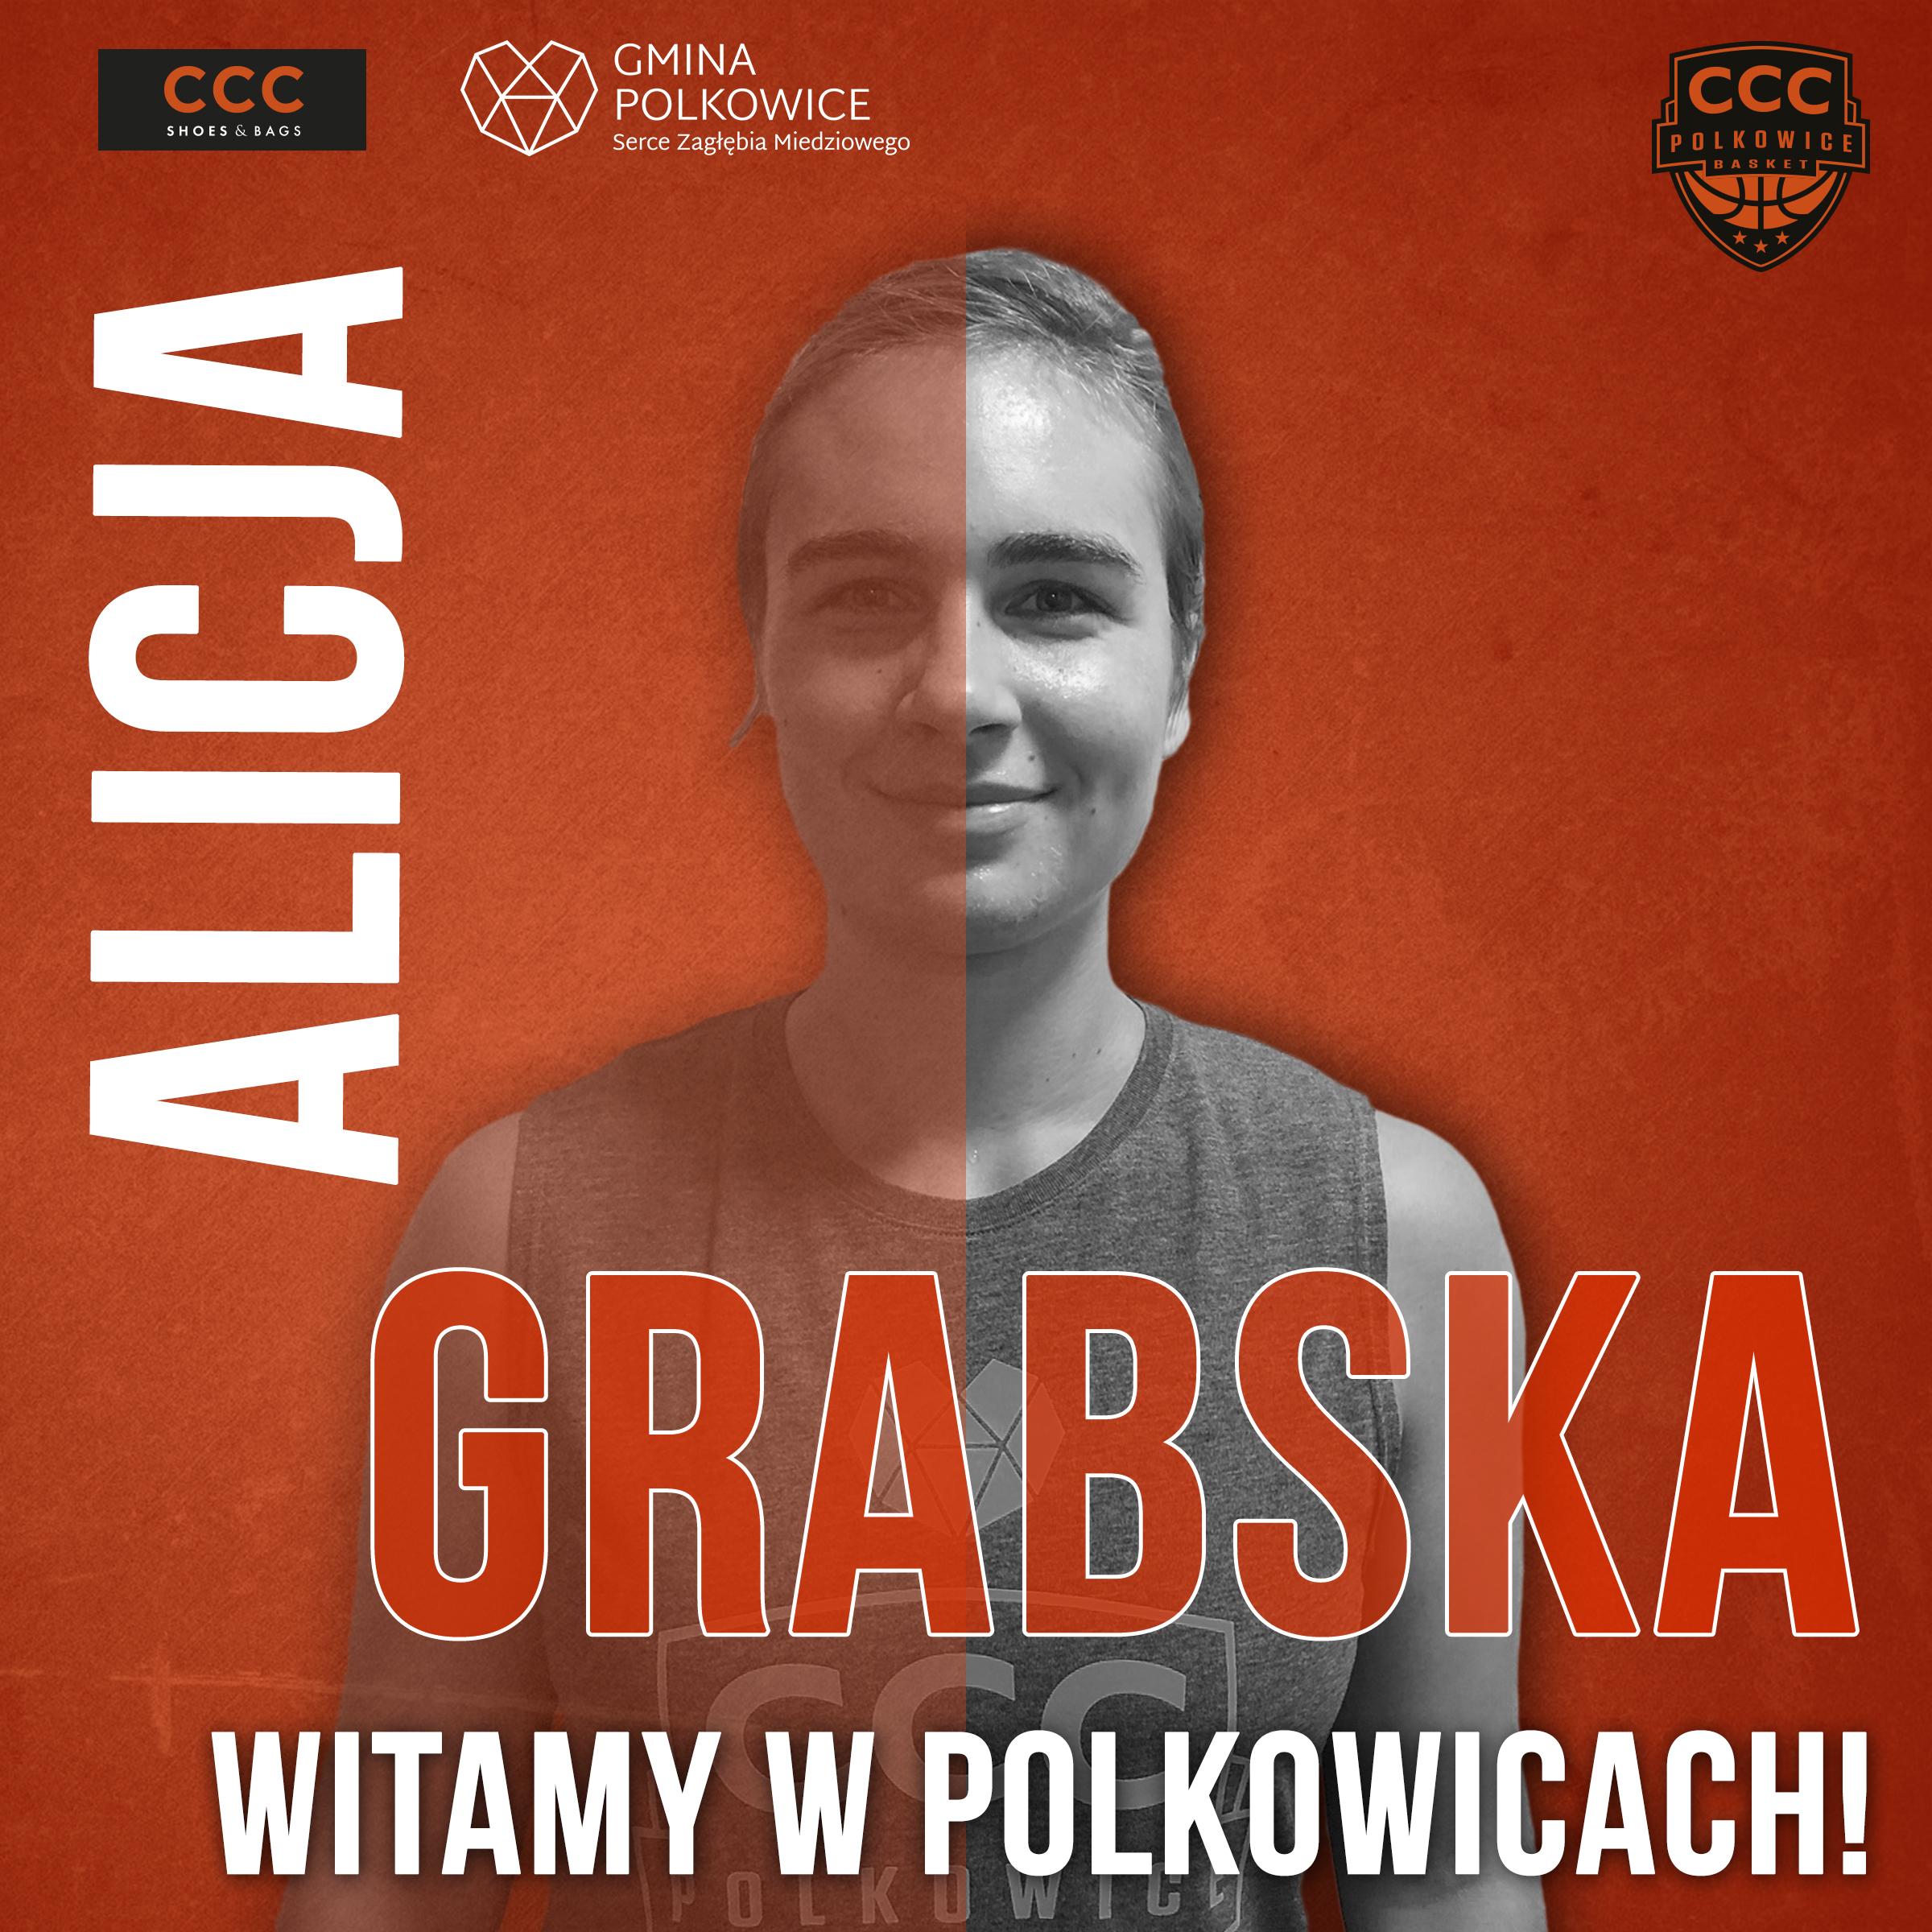 Alicja Grabska